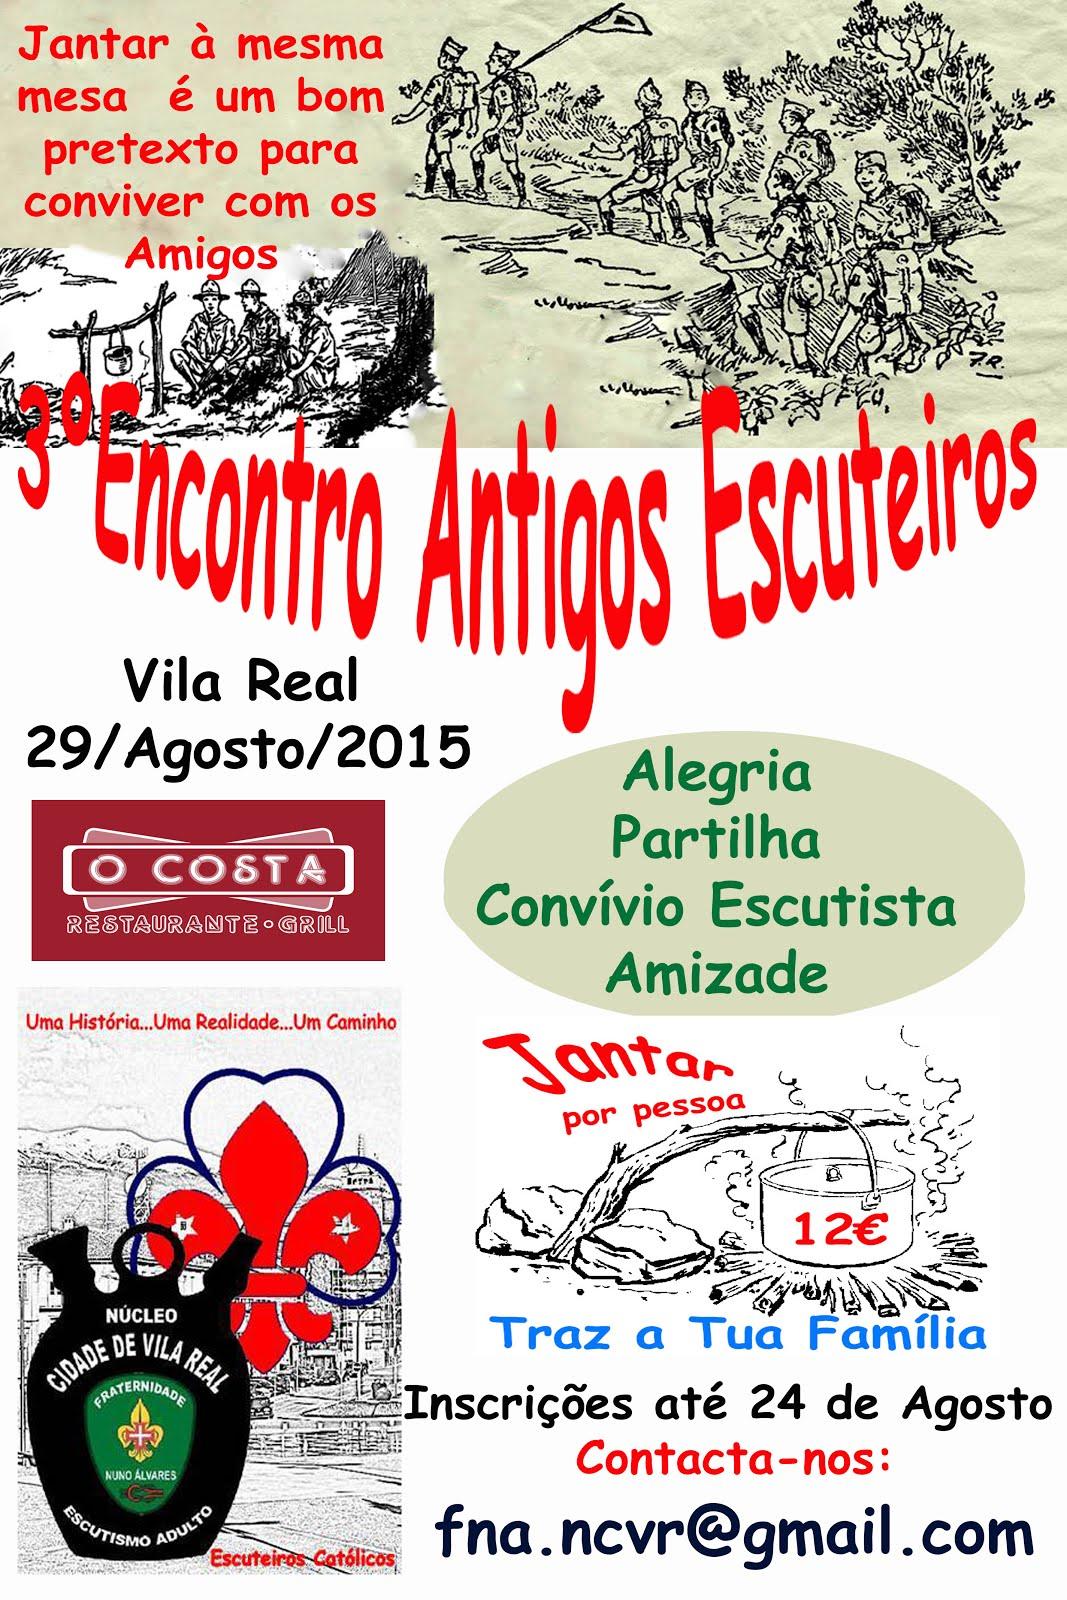 3ºENCONTRO ANTIGOS ESCUTEIROS